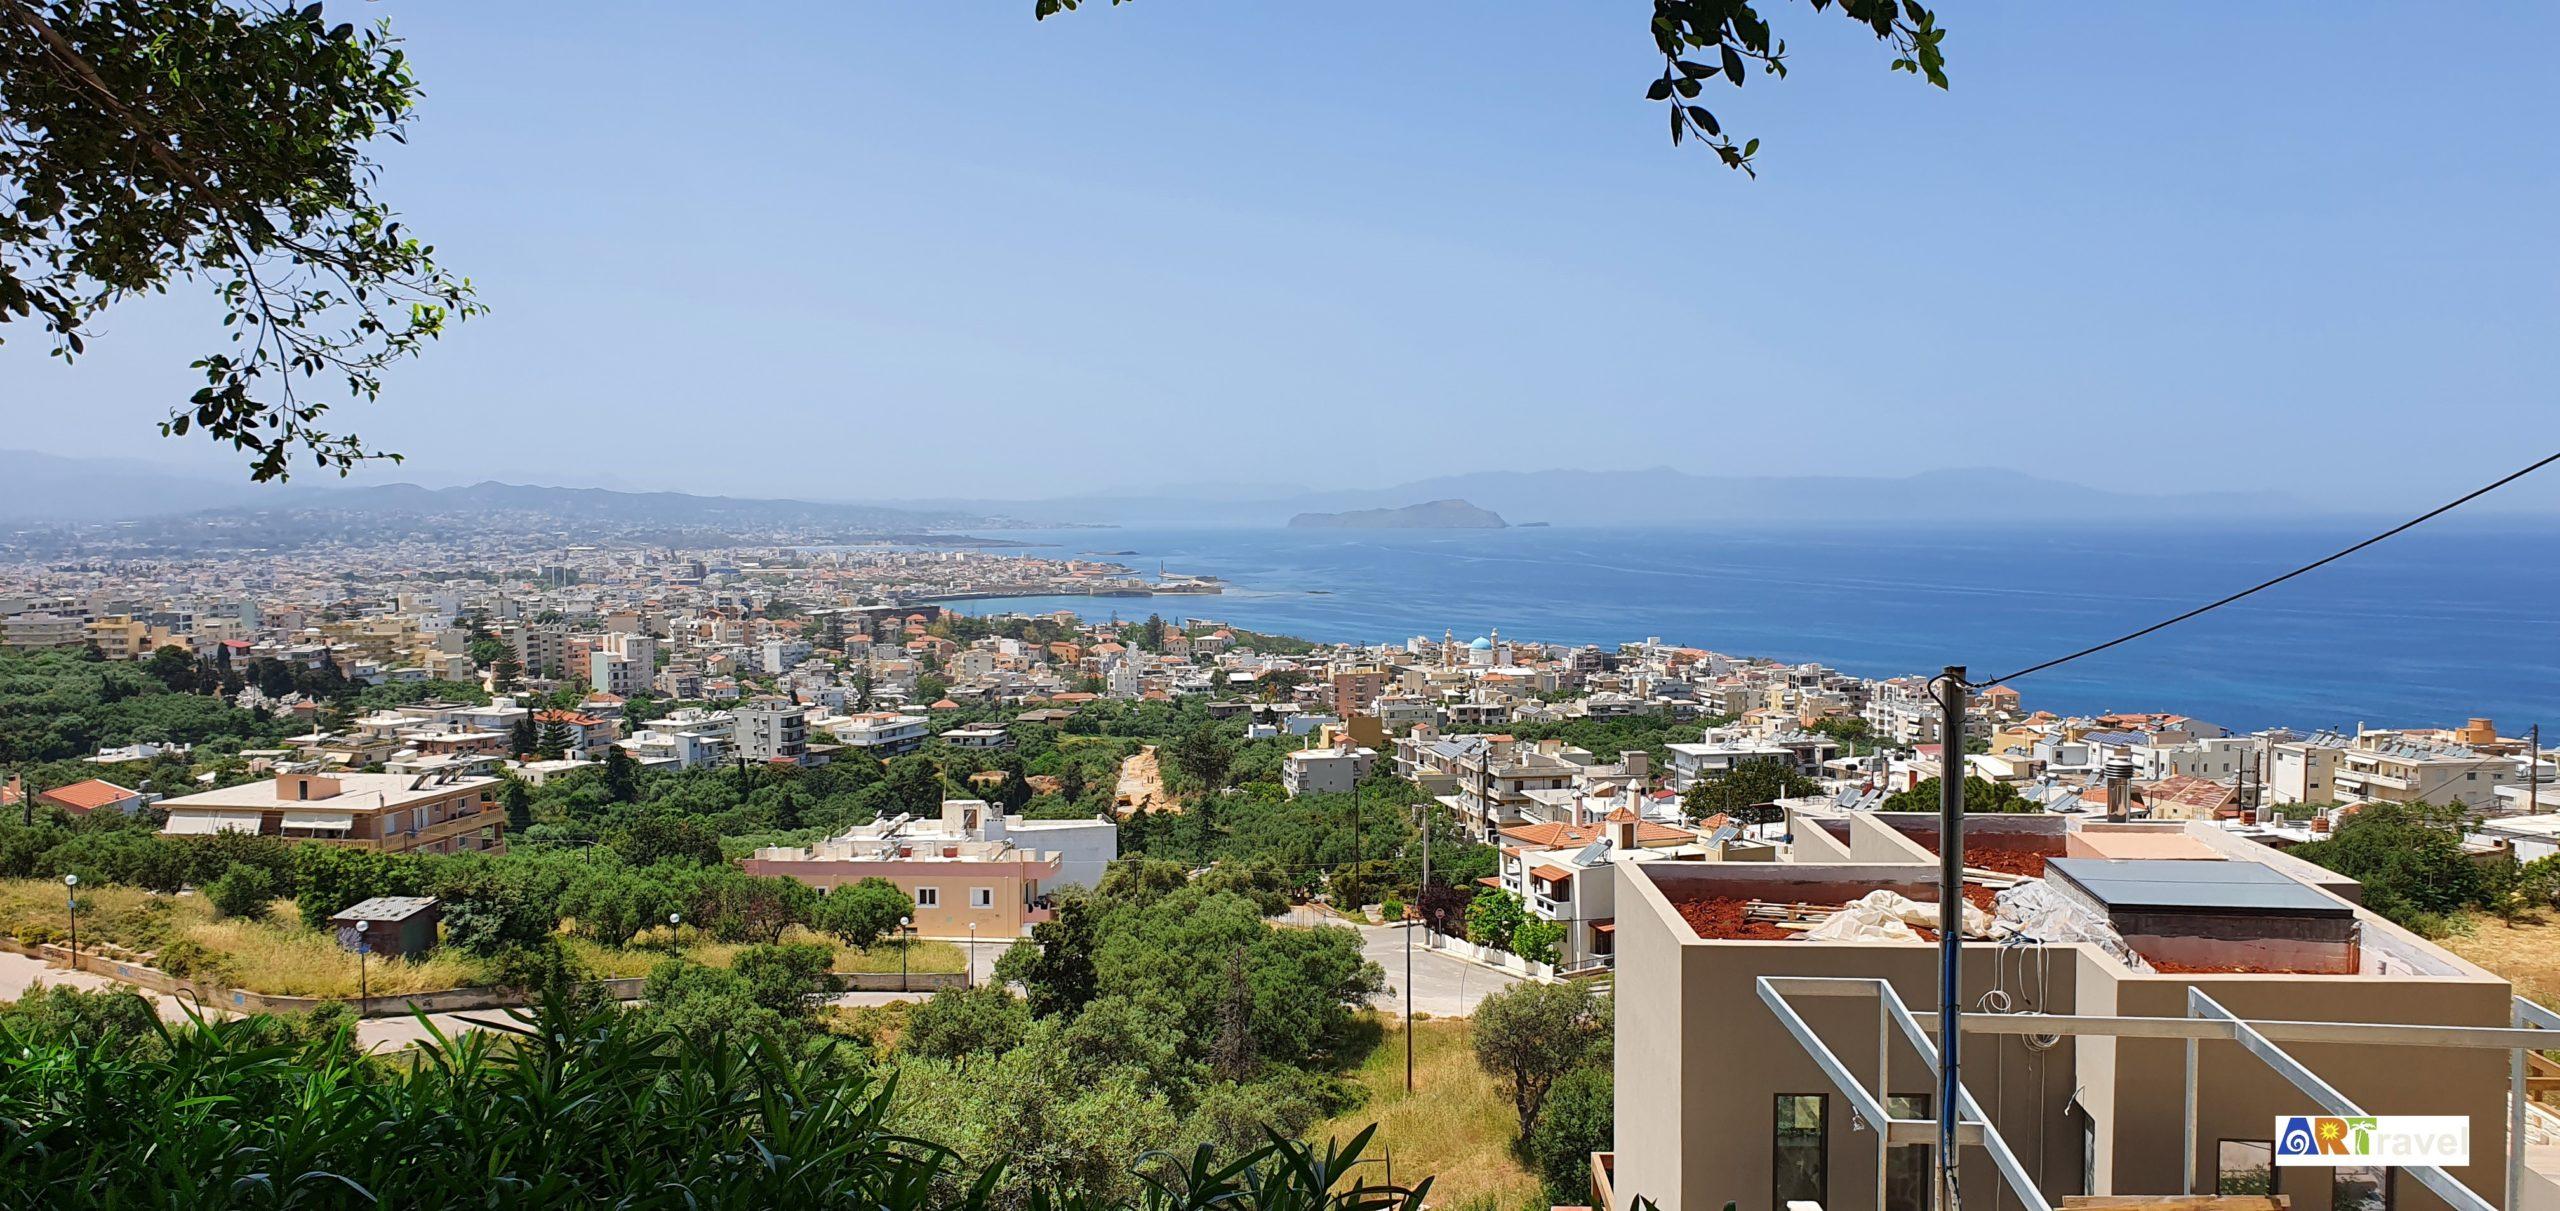 vue panoramique de la Canée 2ème ville de l'île de Crète Grèce